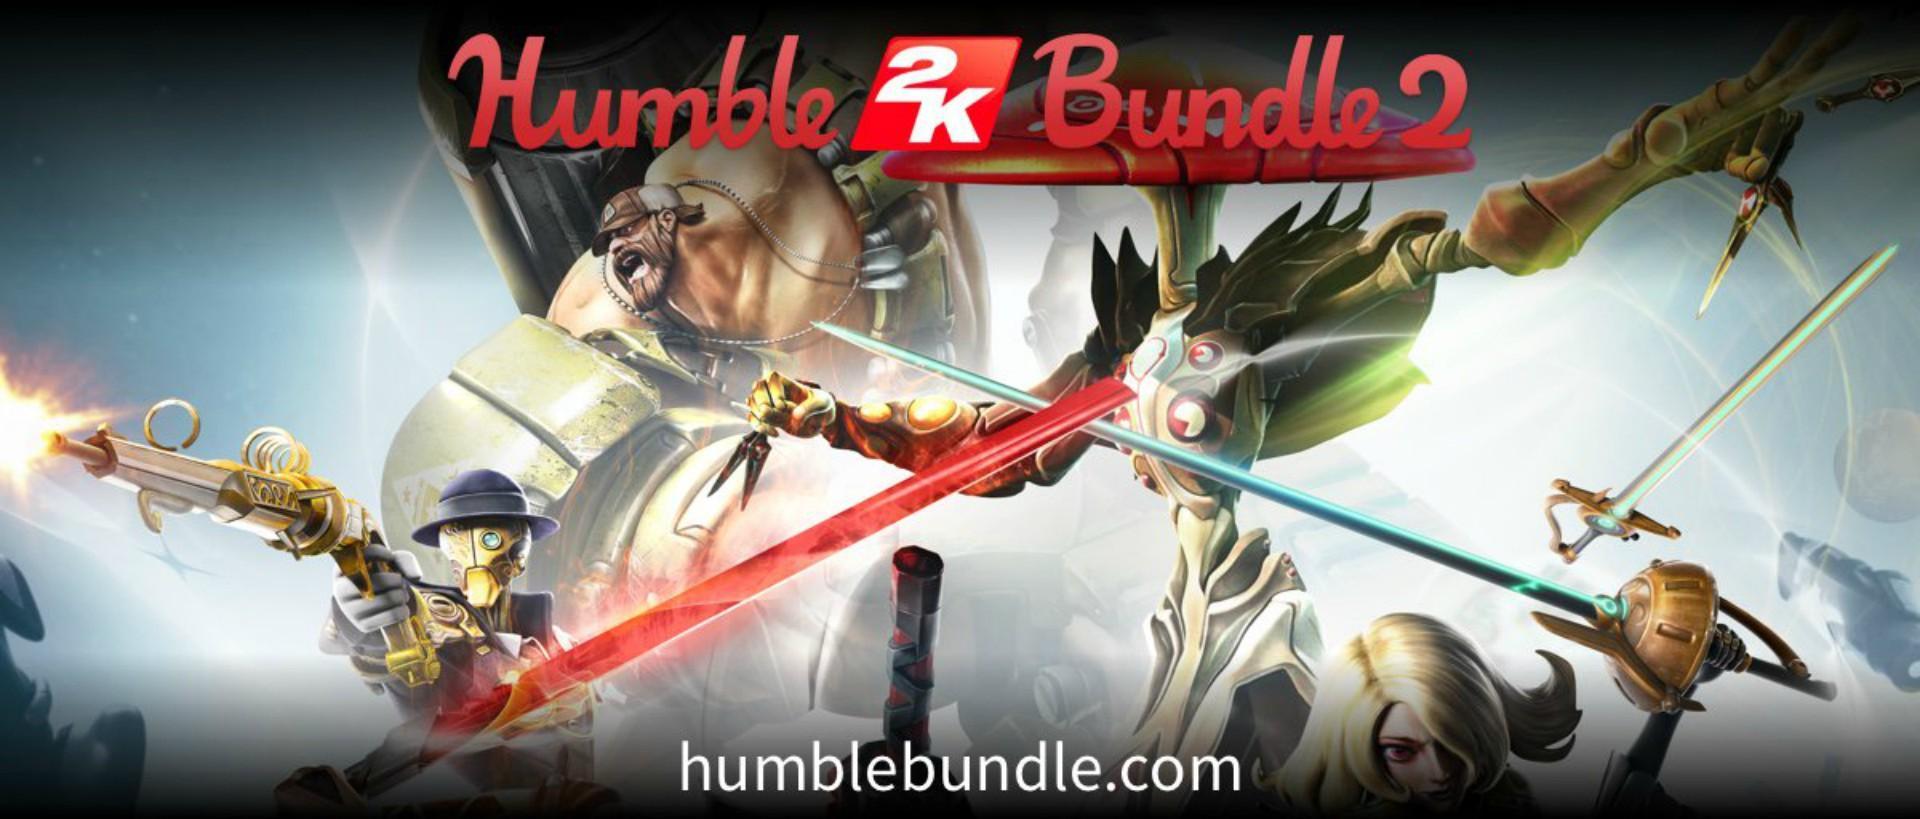 Humble Bundle giới thiệu gói ưu đãi Humble 2K Bundle 2 - Tin Game